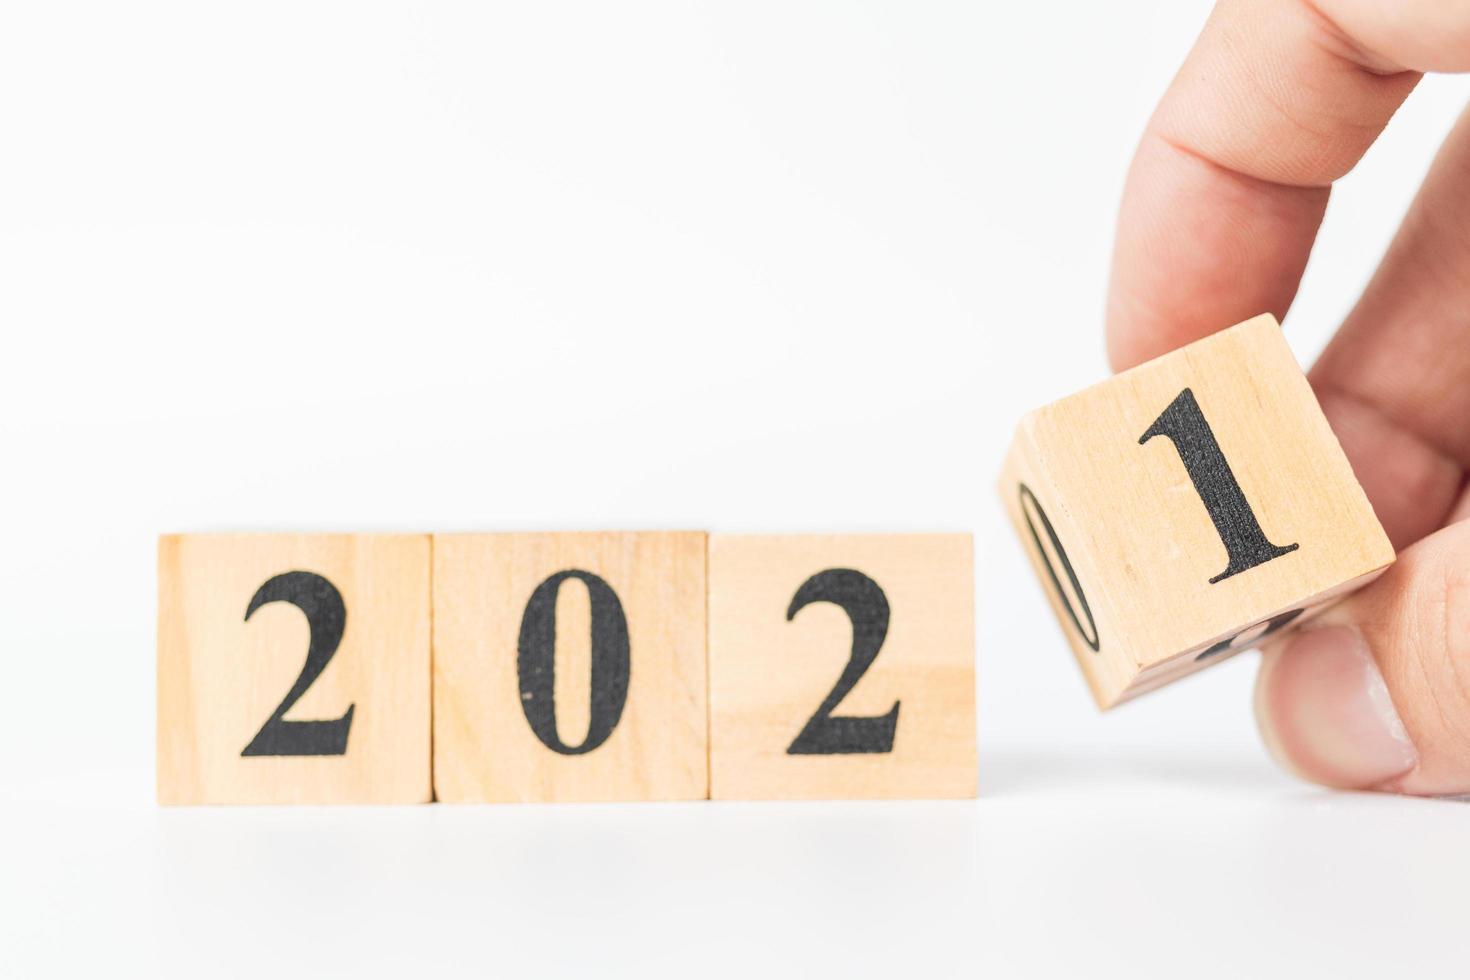 Handwürfel aus Holz mit der Nummer 2020 bis 2021 foto